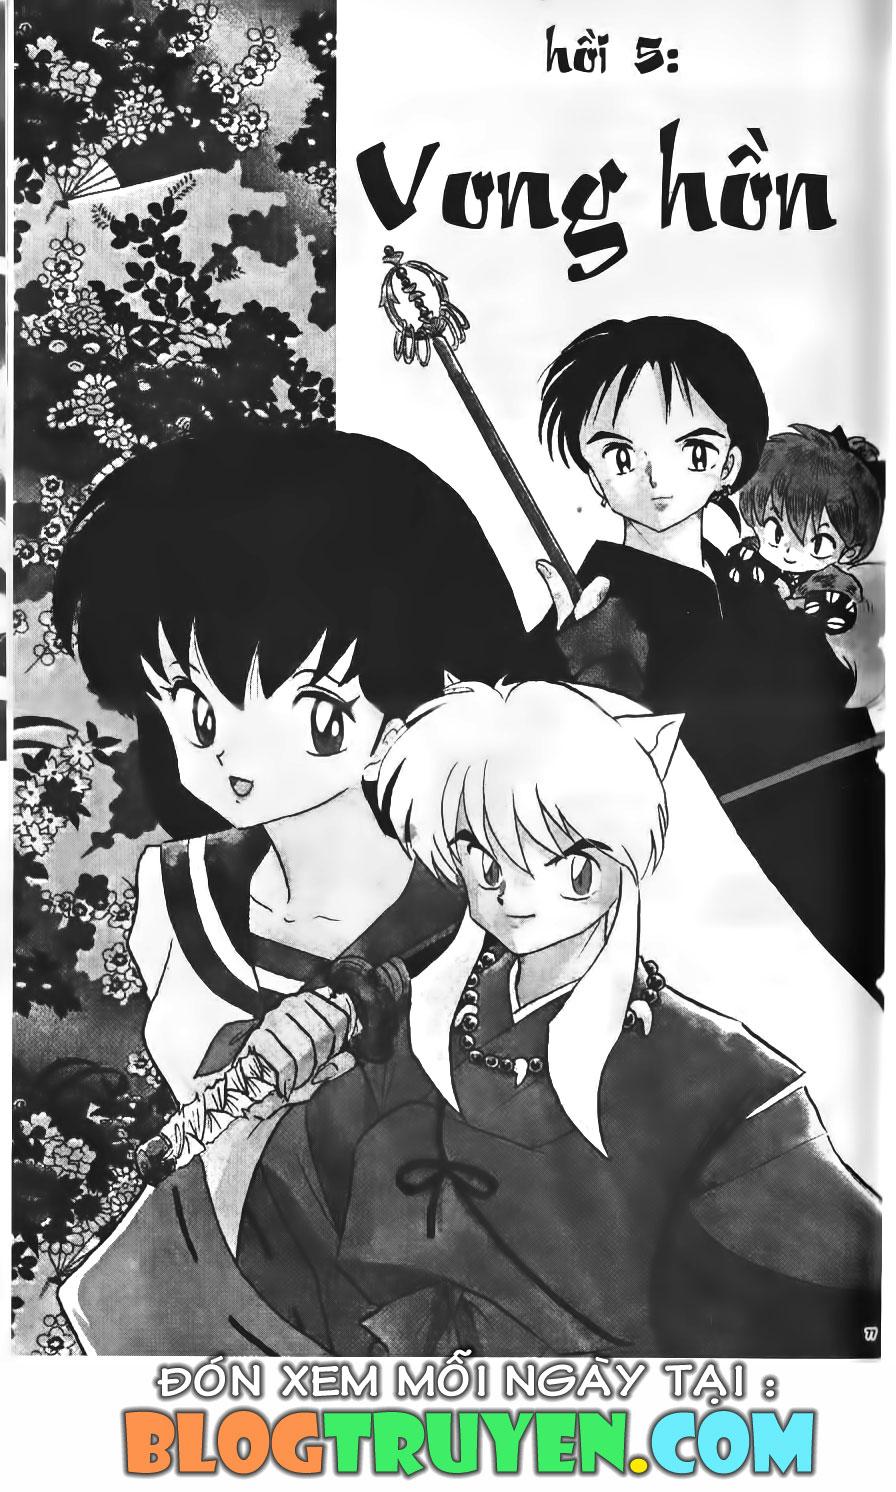 Inuyasha vol 08.5 trang 2